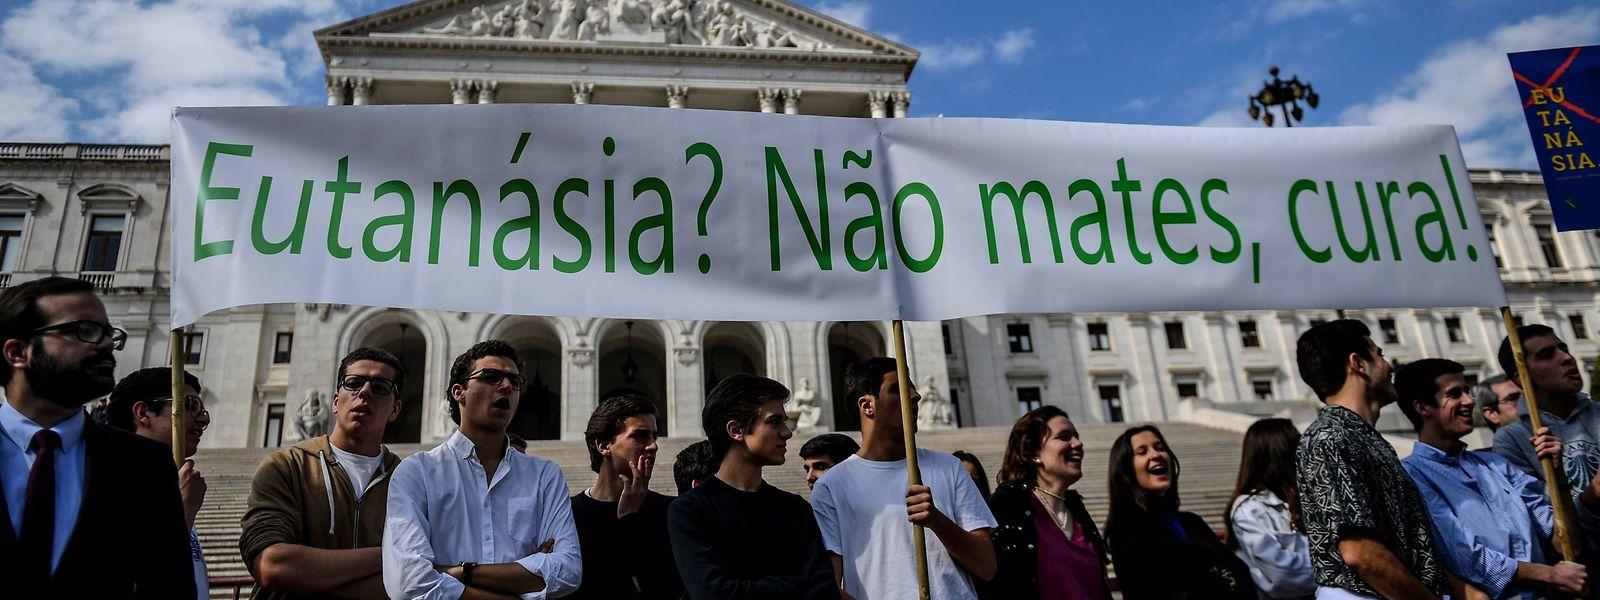 Des centaines de personnes ont manifesté jeudi devant le parlement à Lisbonne à l'appel de plusieurs organisations opposées à l'euthanasie.